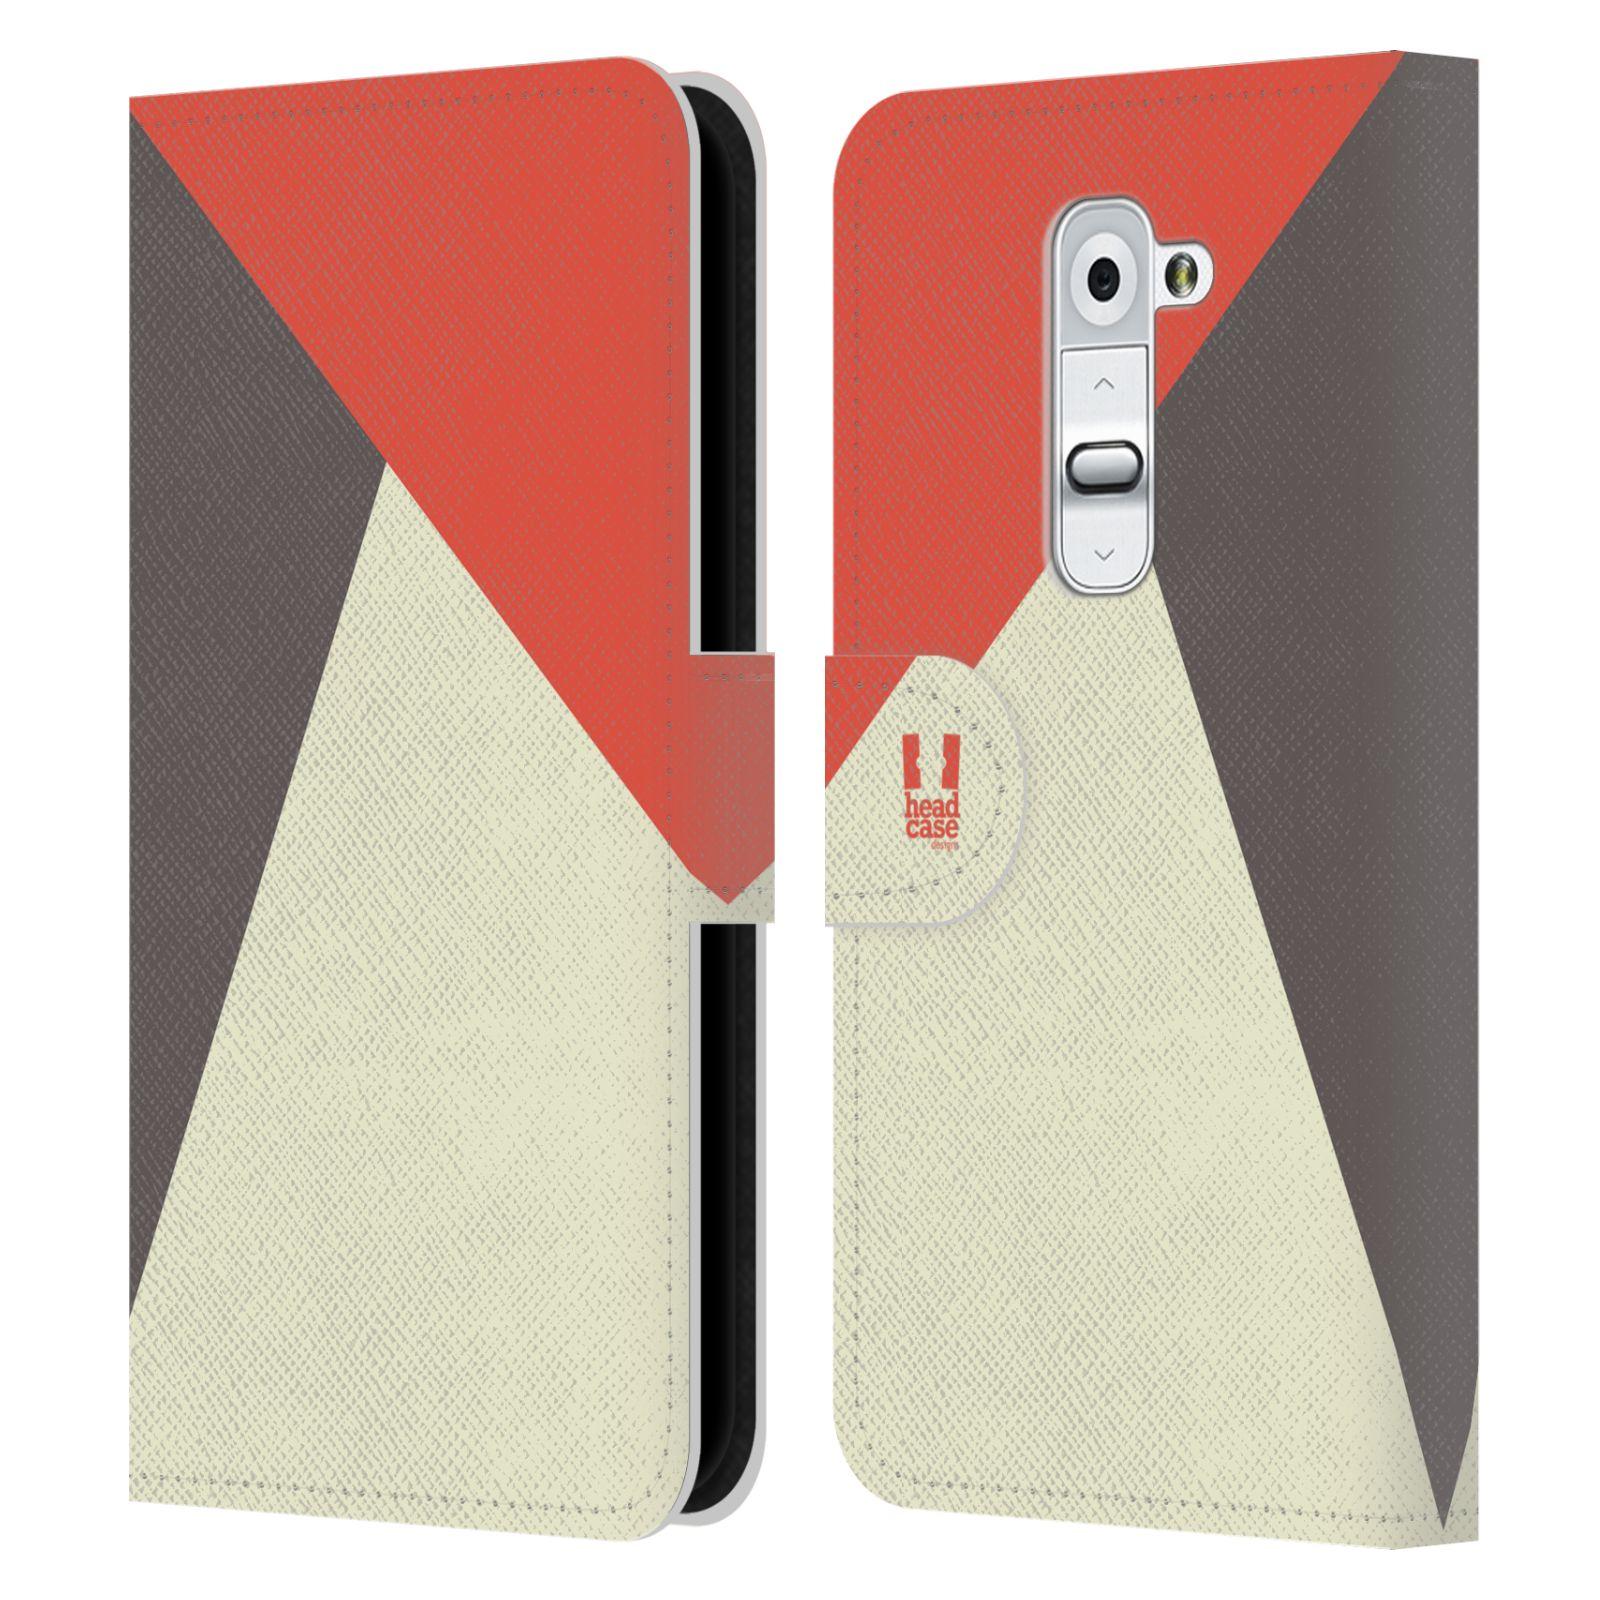 HEAD CASE Flipové pouzdro pro mobil LG G2 barevné tvary červená a šedá COOL